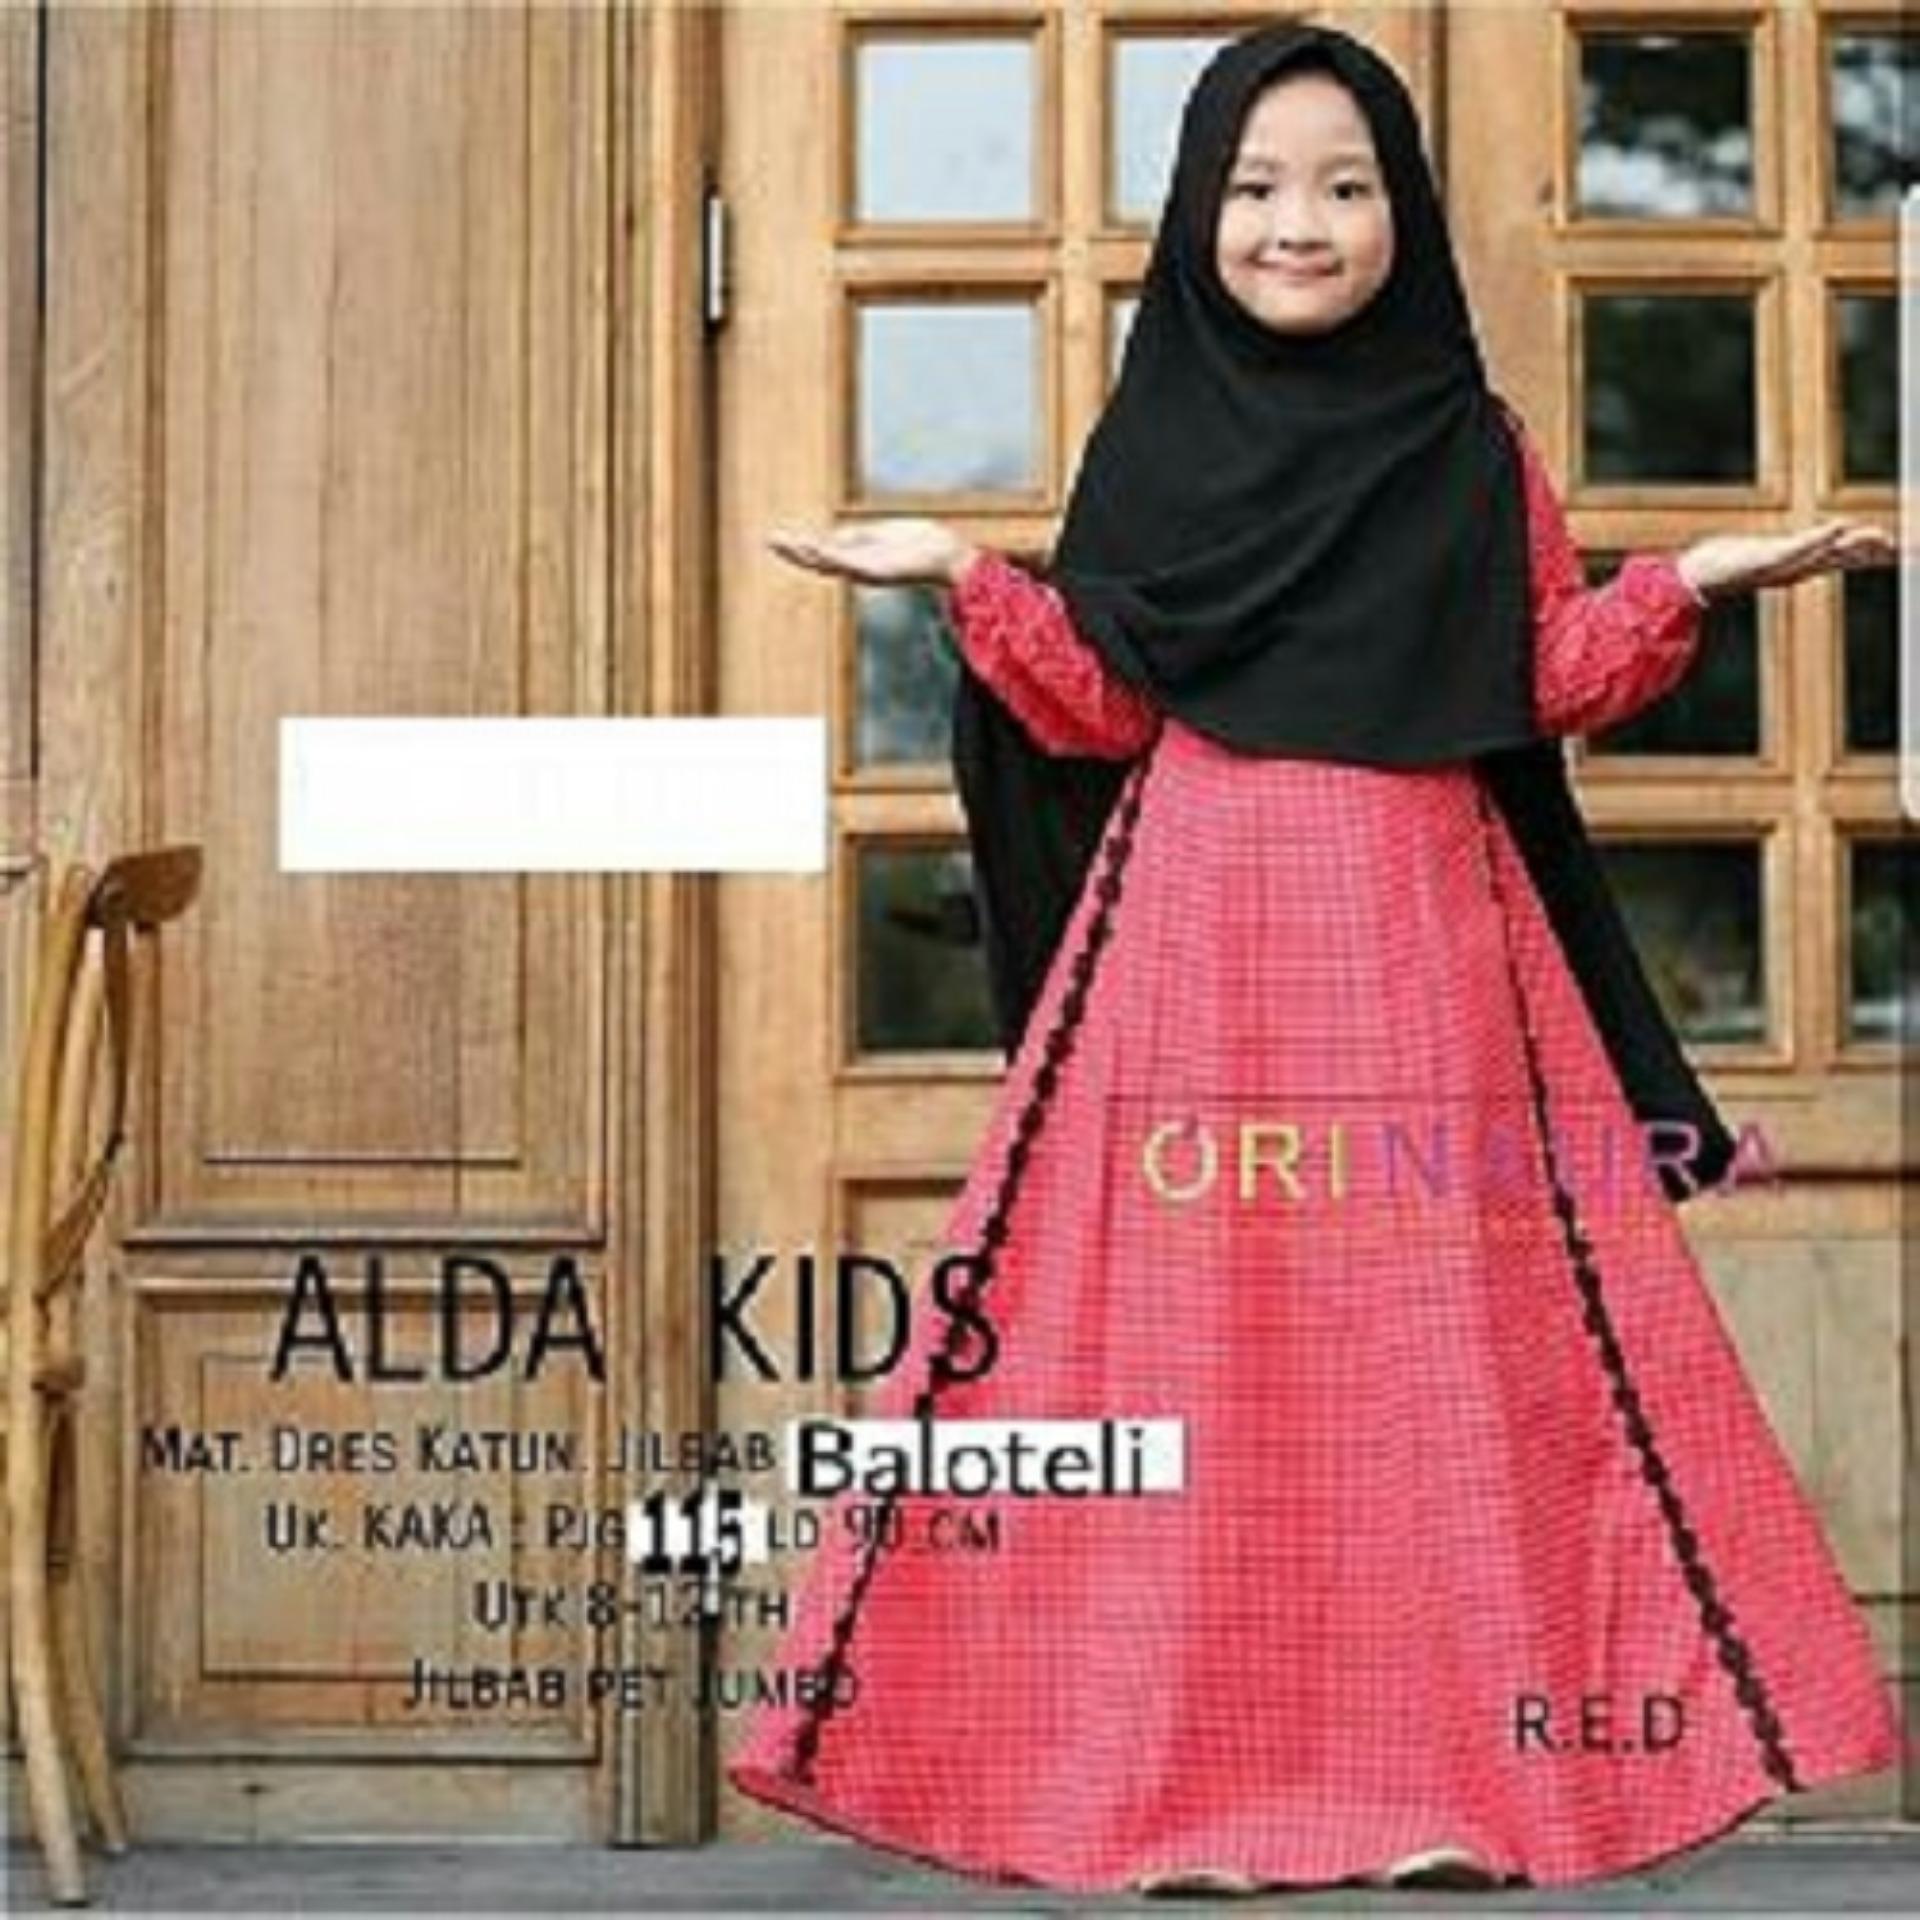 Cek Harga Baru Gamis Anak Ori Naura Terbaru Alda Kids Plus Jilbab